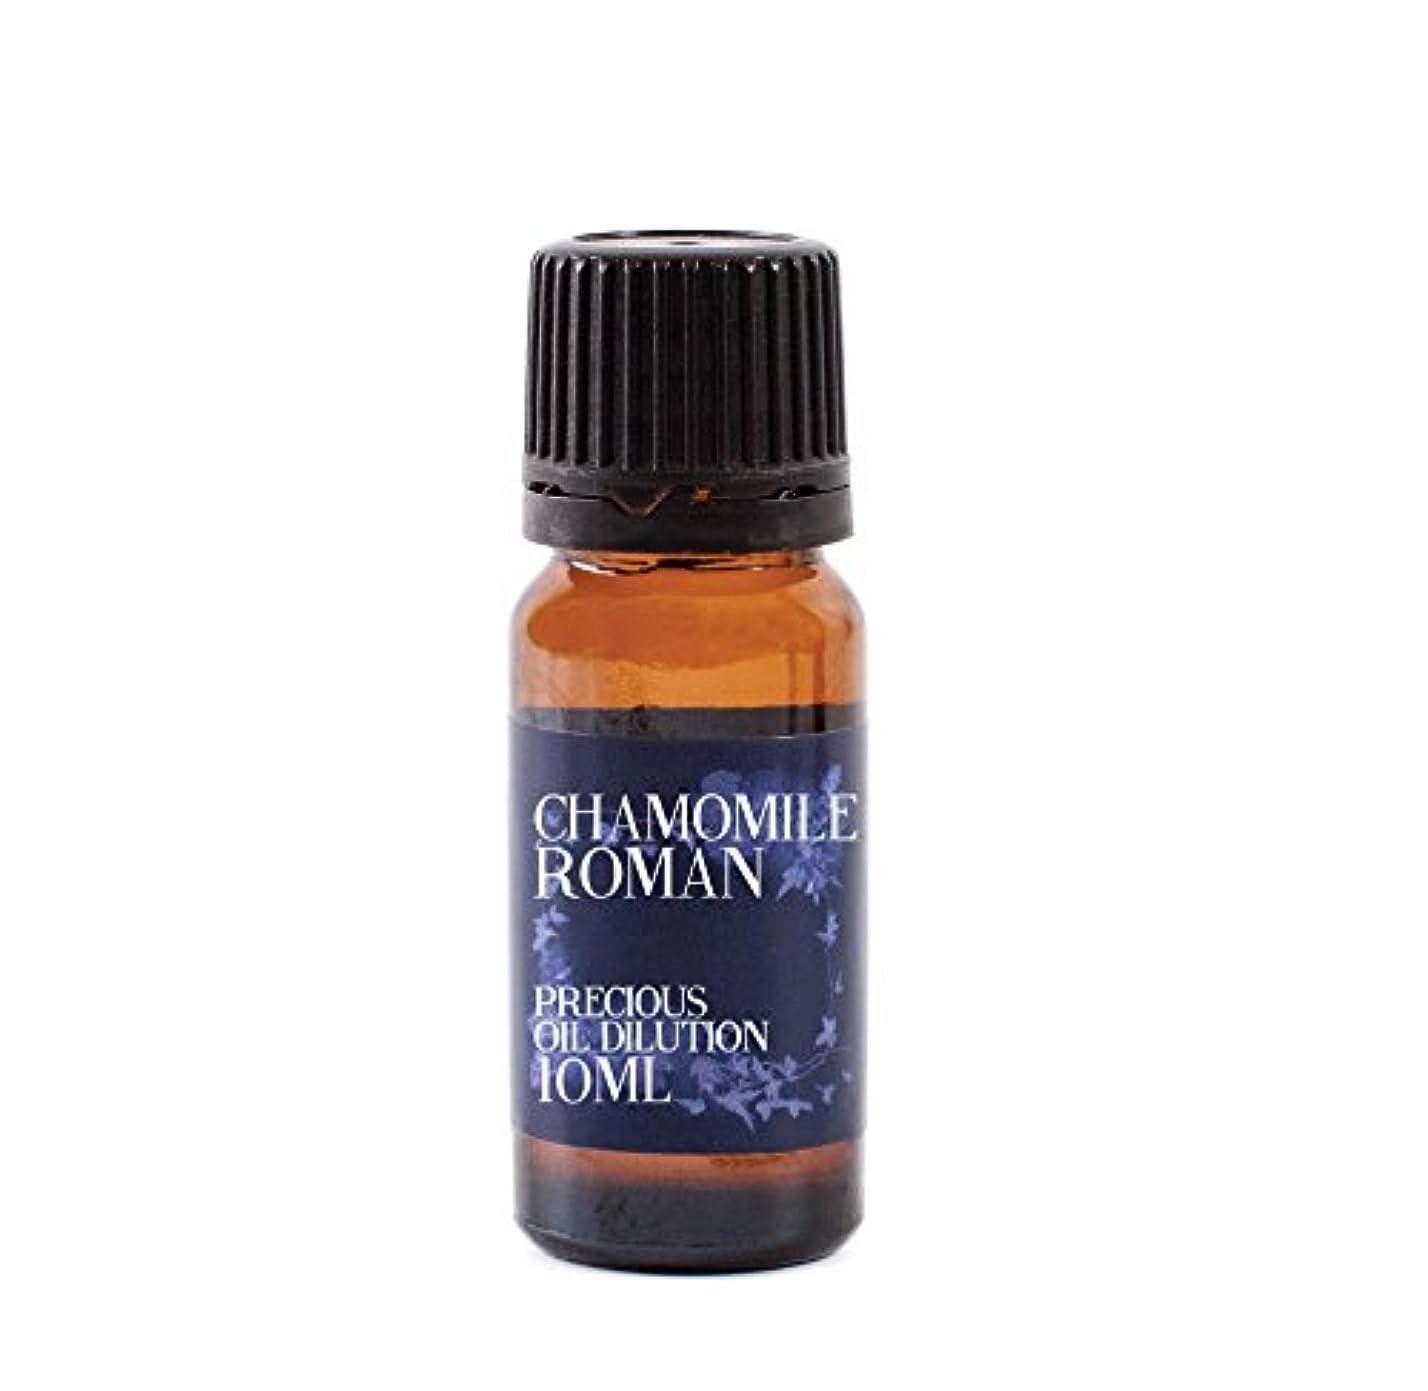 コンテンポラリーシェルターむしゃむしゃMystic Moments | Chamomile Roman Essential Oil Dilution - 10ml - 3% Jojoba Blend